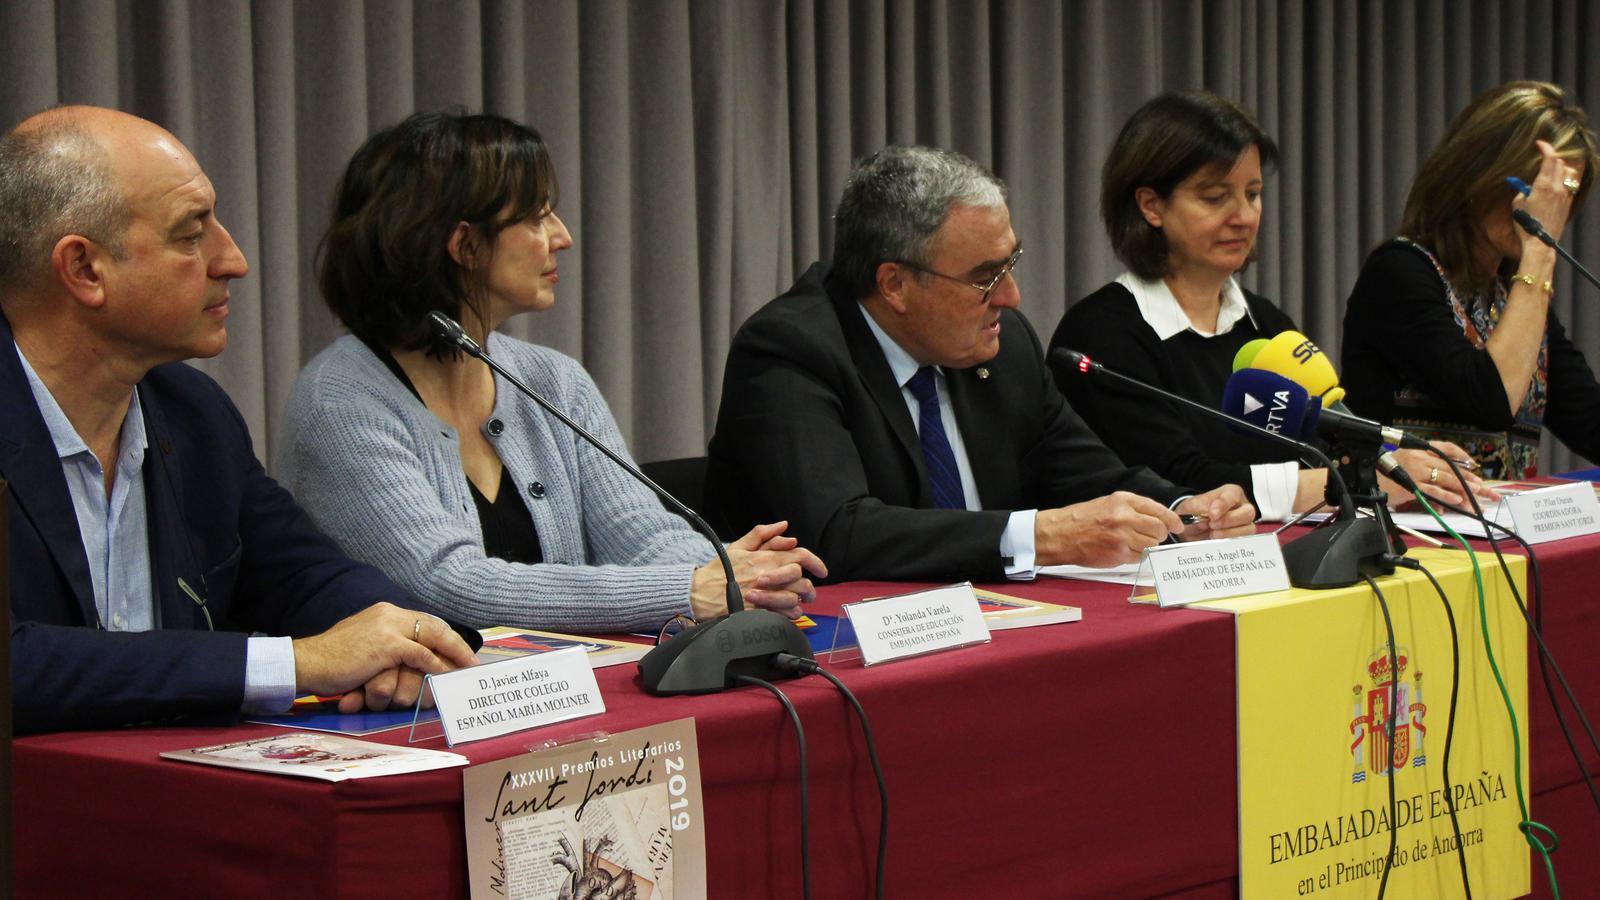 En l'acte de presentació dels Premis literaris Sant Jordi 2019 hi han participat Javier Afaya, director de l'escola espanyola Maria Moliner; l'ambaixador espanyol Àngel Ros; la consellera d'Educació de l'ambaixada d'Espanya, Yolanda Varela; Pilar Durán, coordinadora dels Premis literaris Sant Jordi, i Carmen Rivera, directora de Bomosa. / M. R. F.